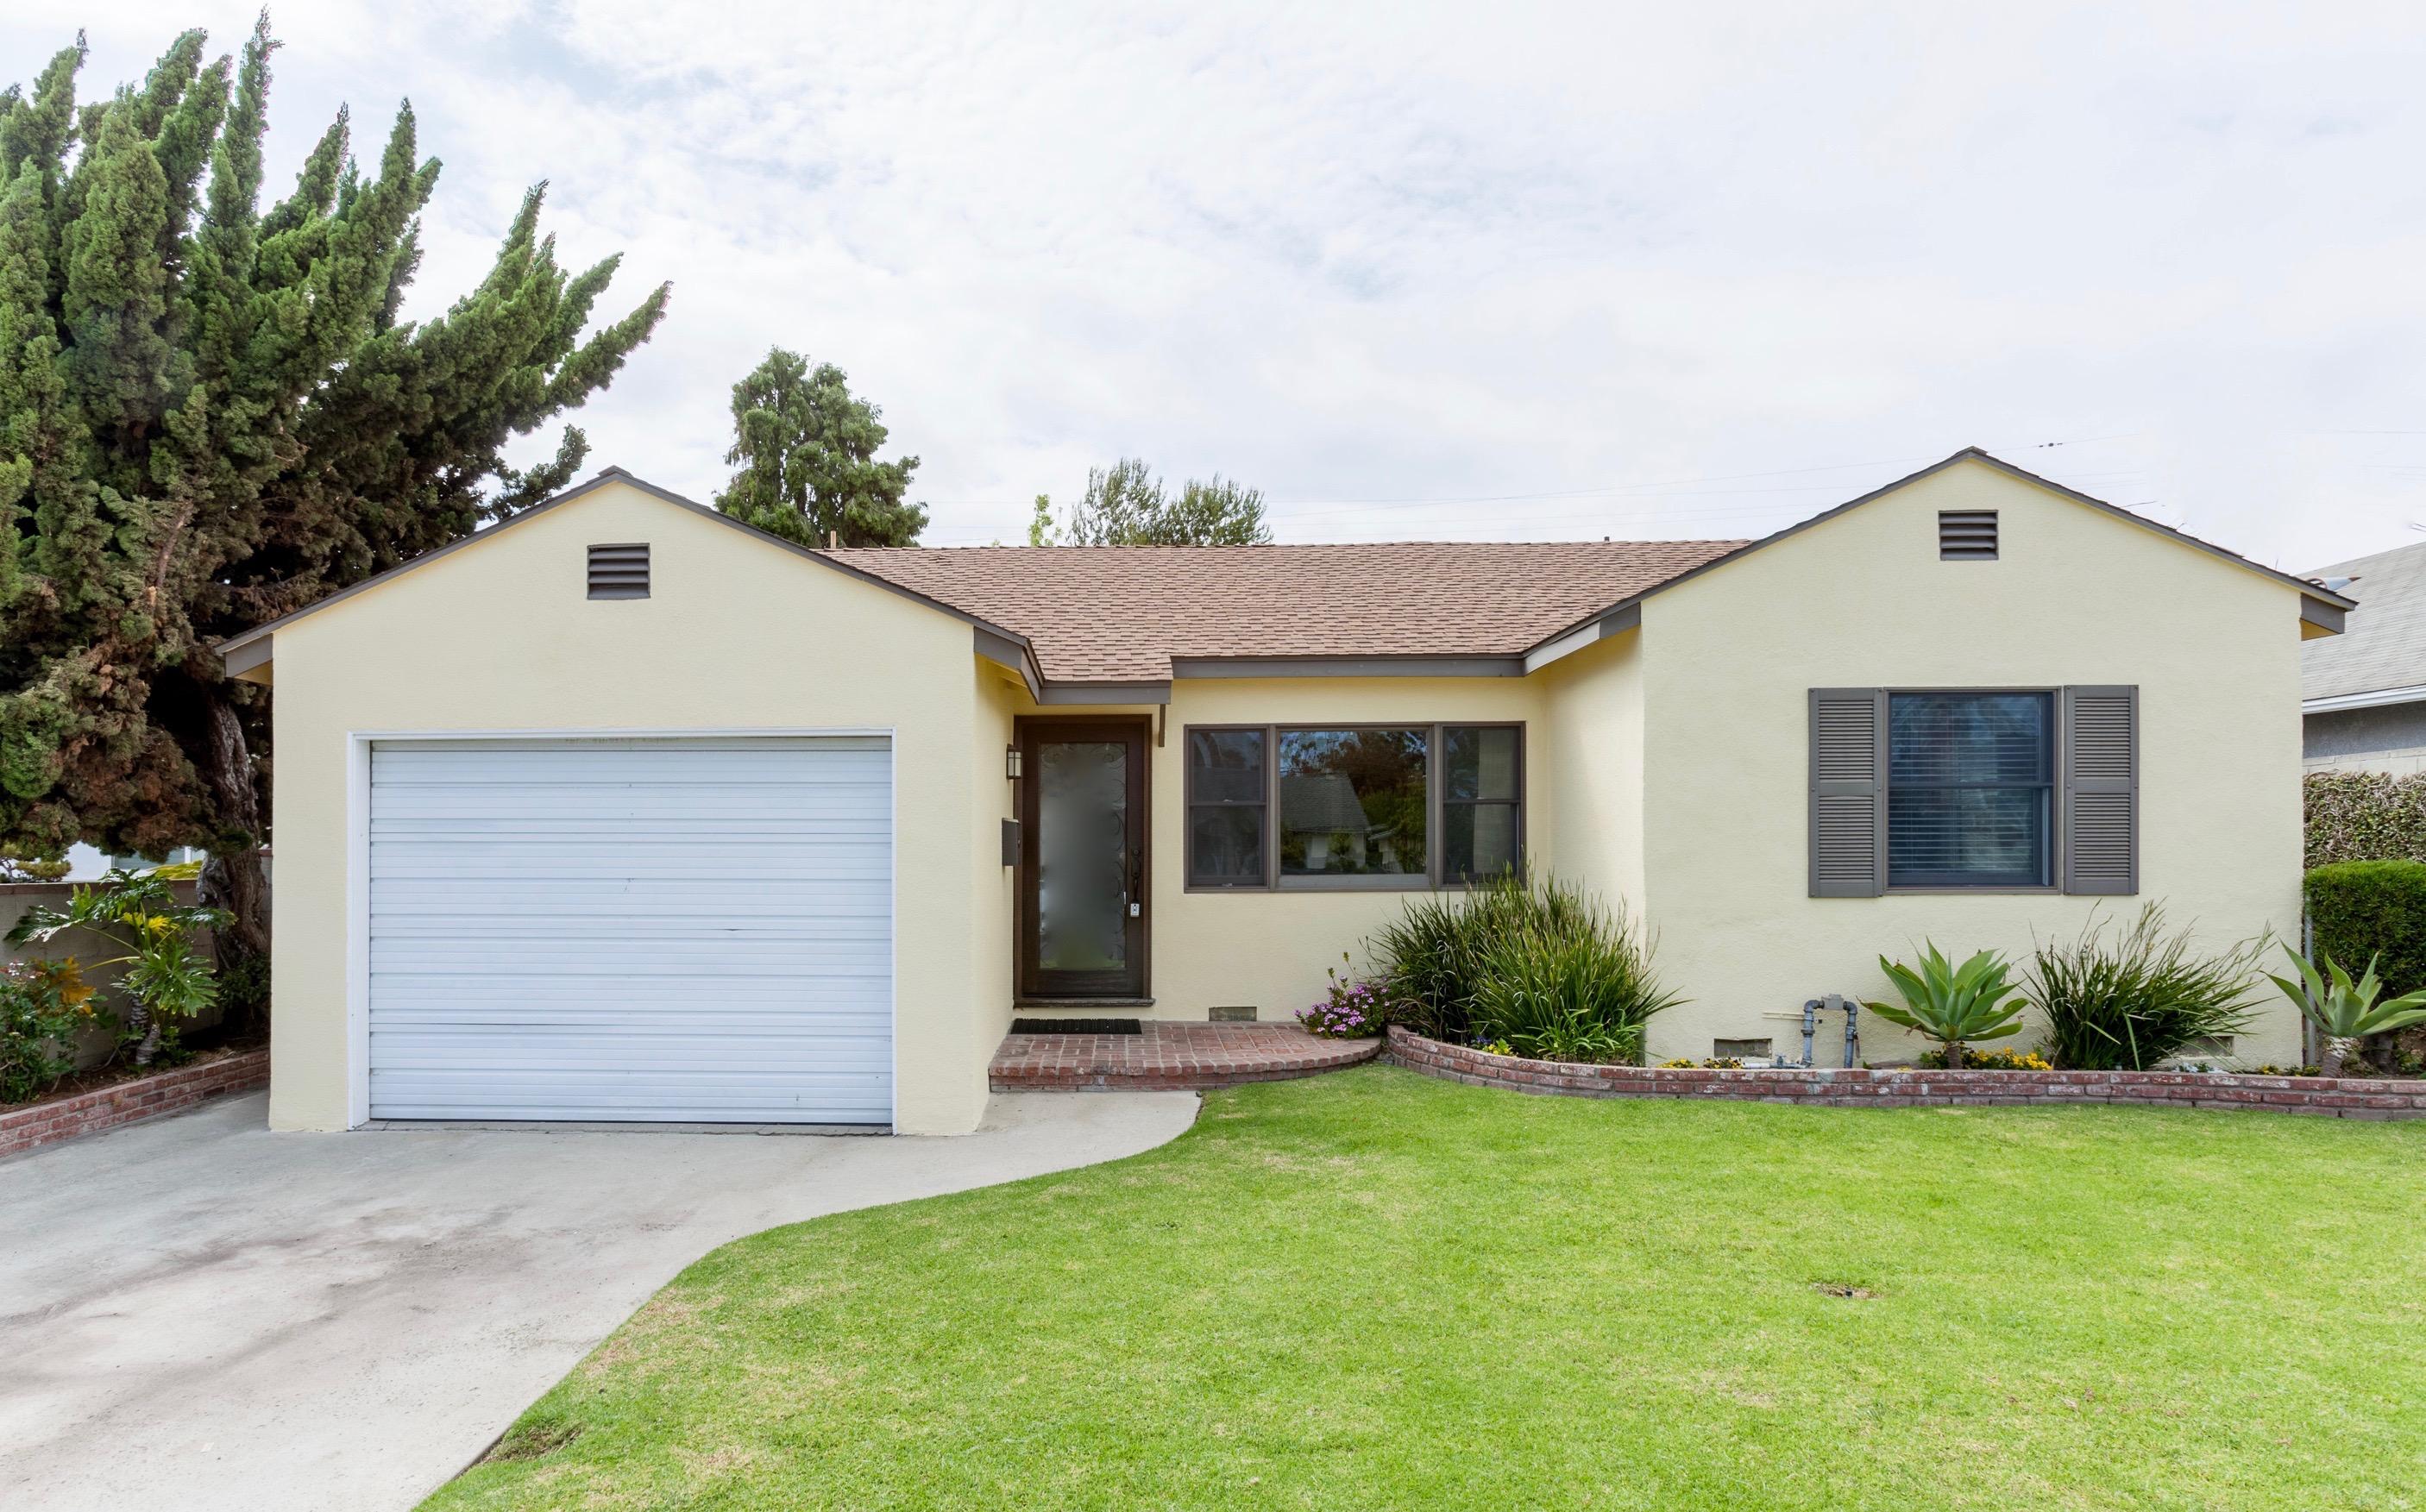 Tek Ailelik Ev için Satış at 12721 Rubens Ave Los Angeles, Kaliforniya, 90066 Amerika Birleşik Devletleri